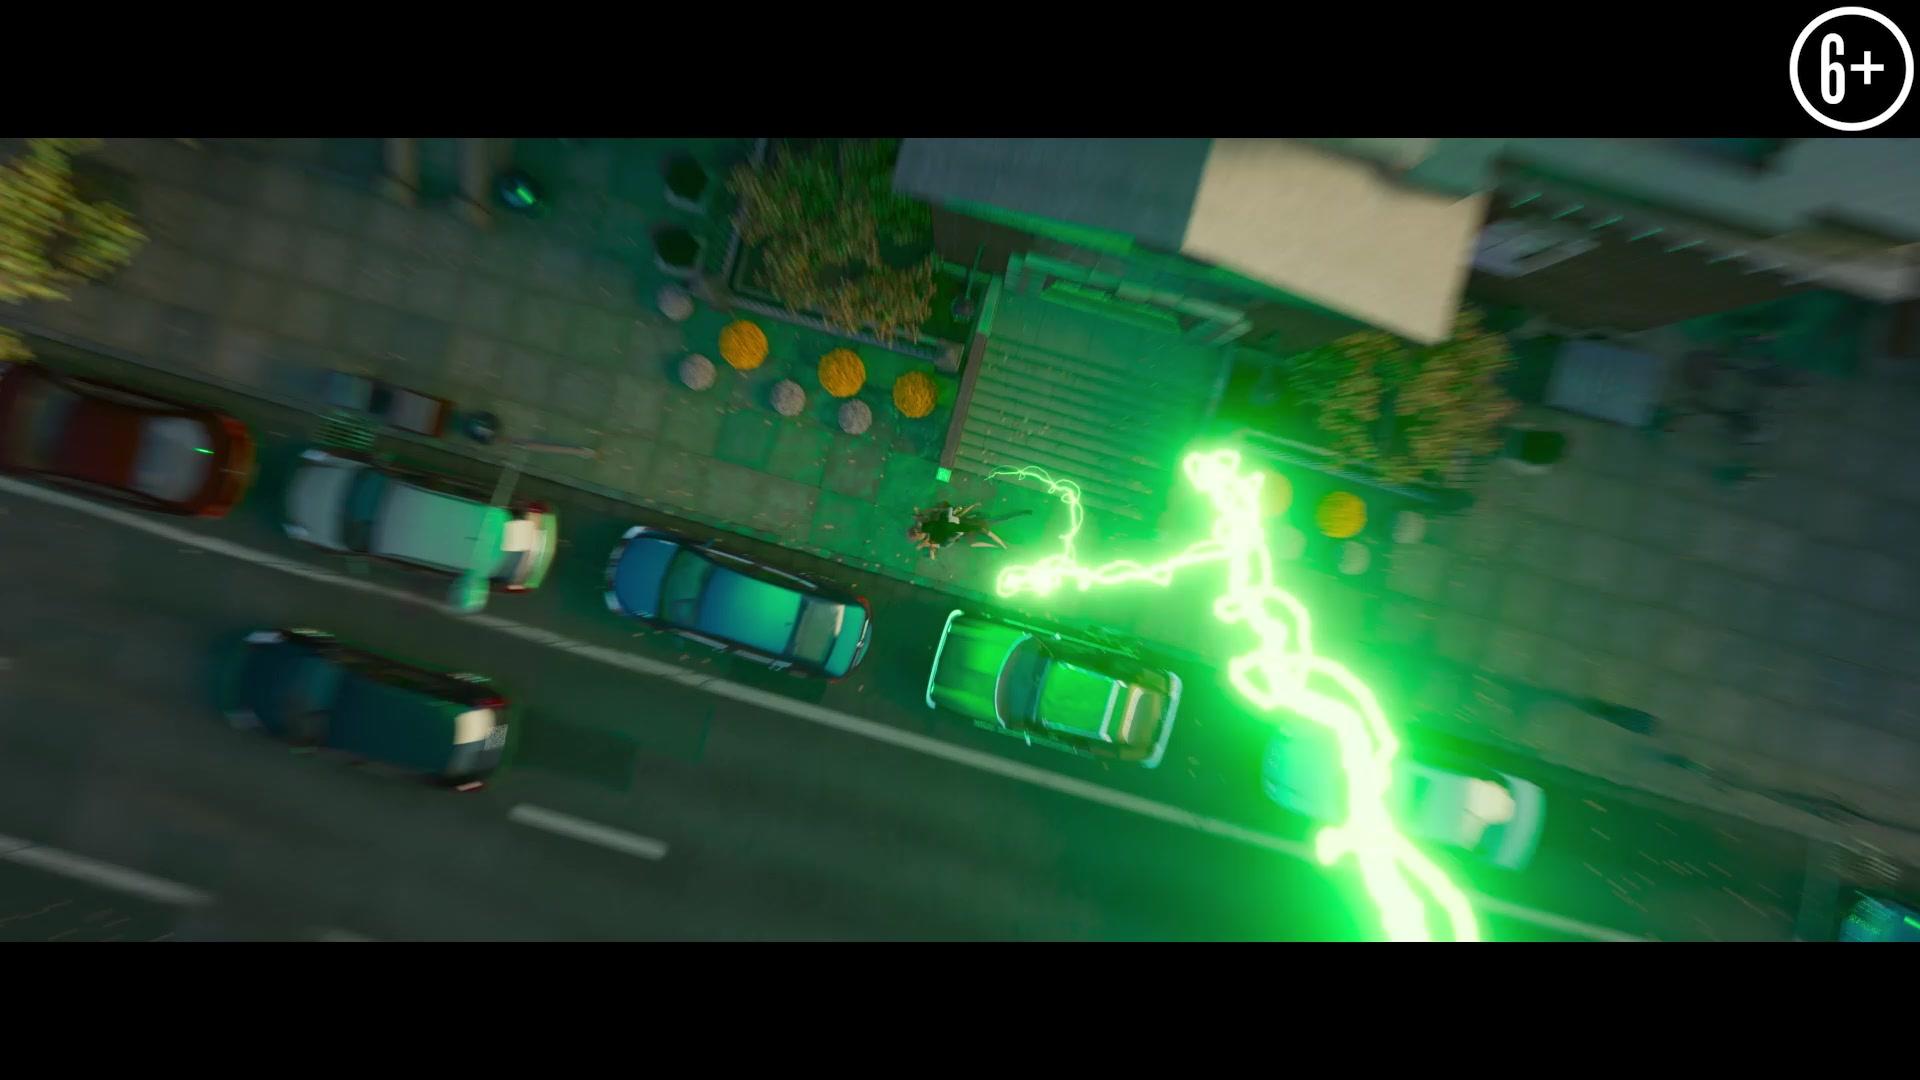 Новый трейлер фильма «Мы — монстры 2» – Трейлер (дублированный) 01:44 FullHD